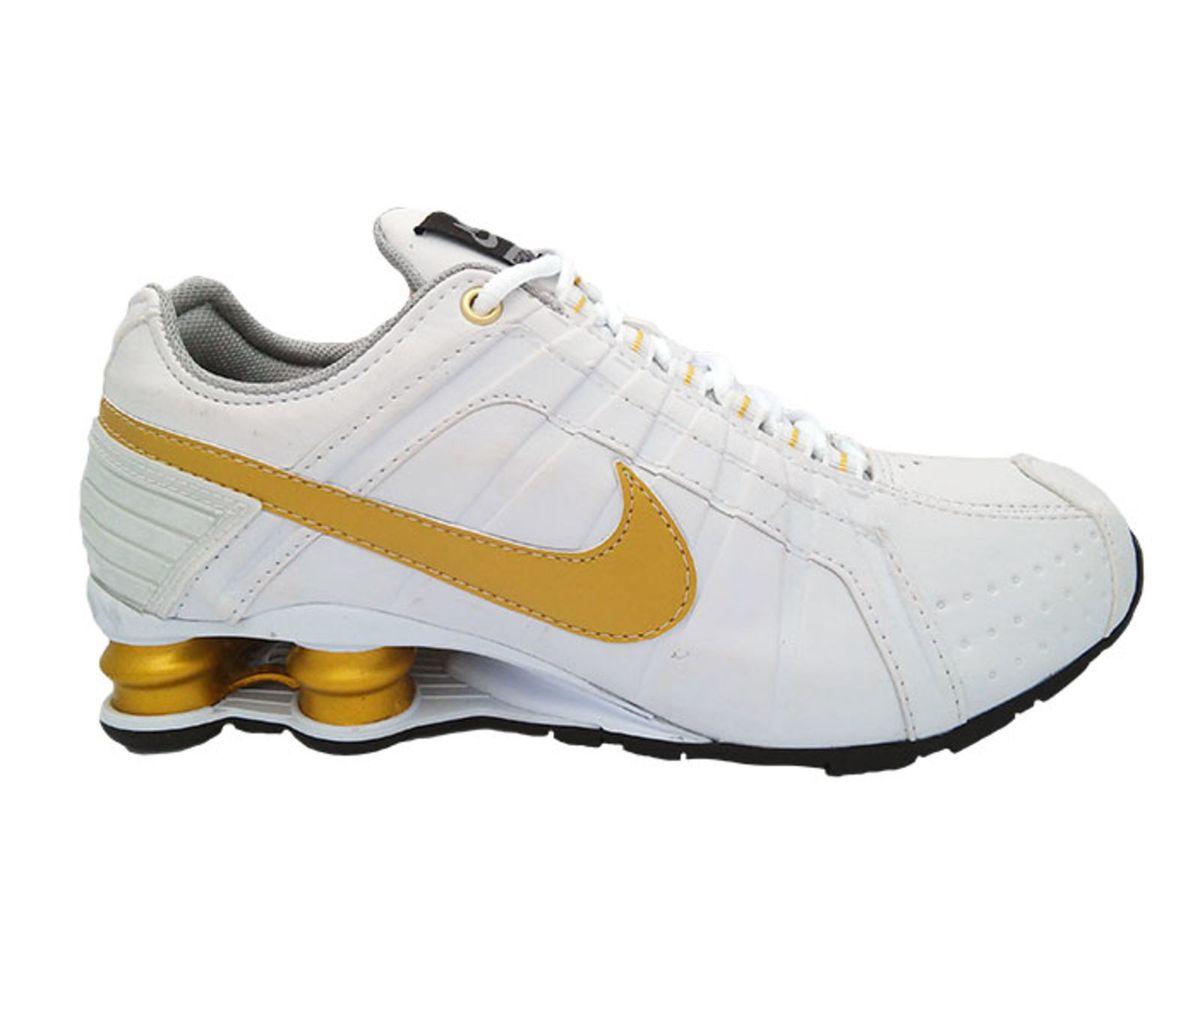 b53d0e80bdb tênis nike shox junior branco e dourado - tênis nike